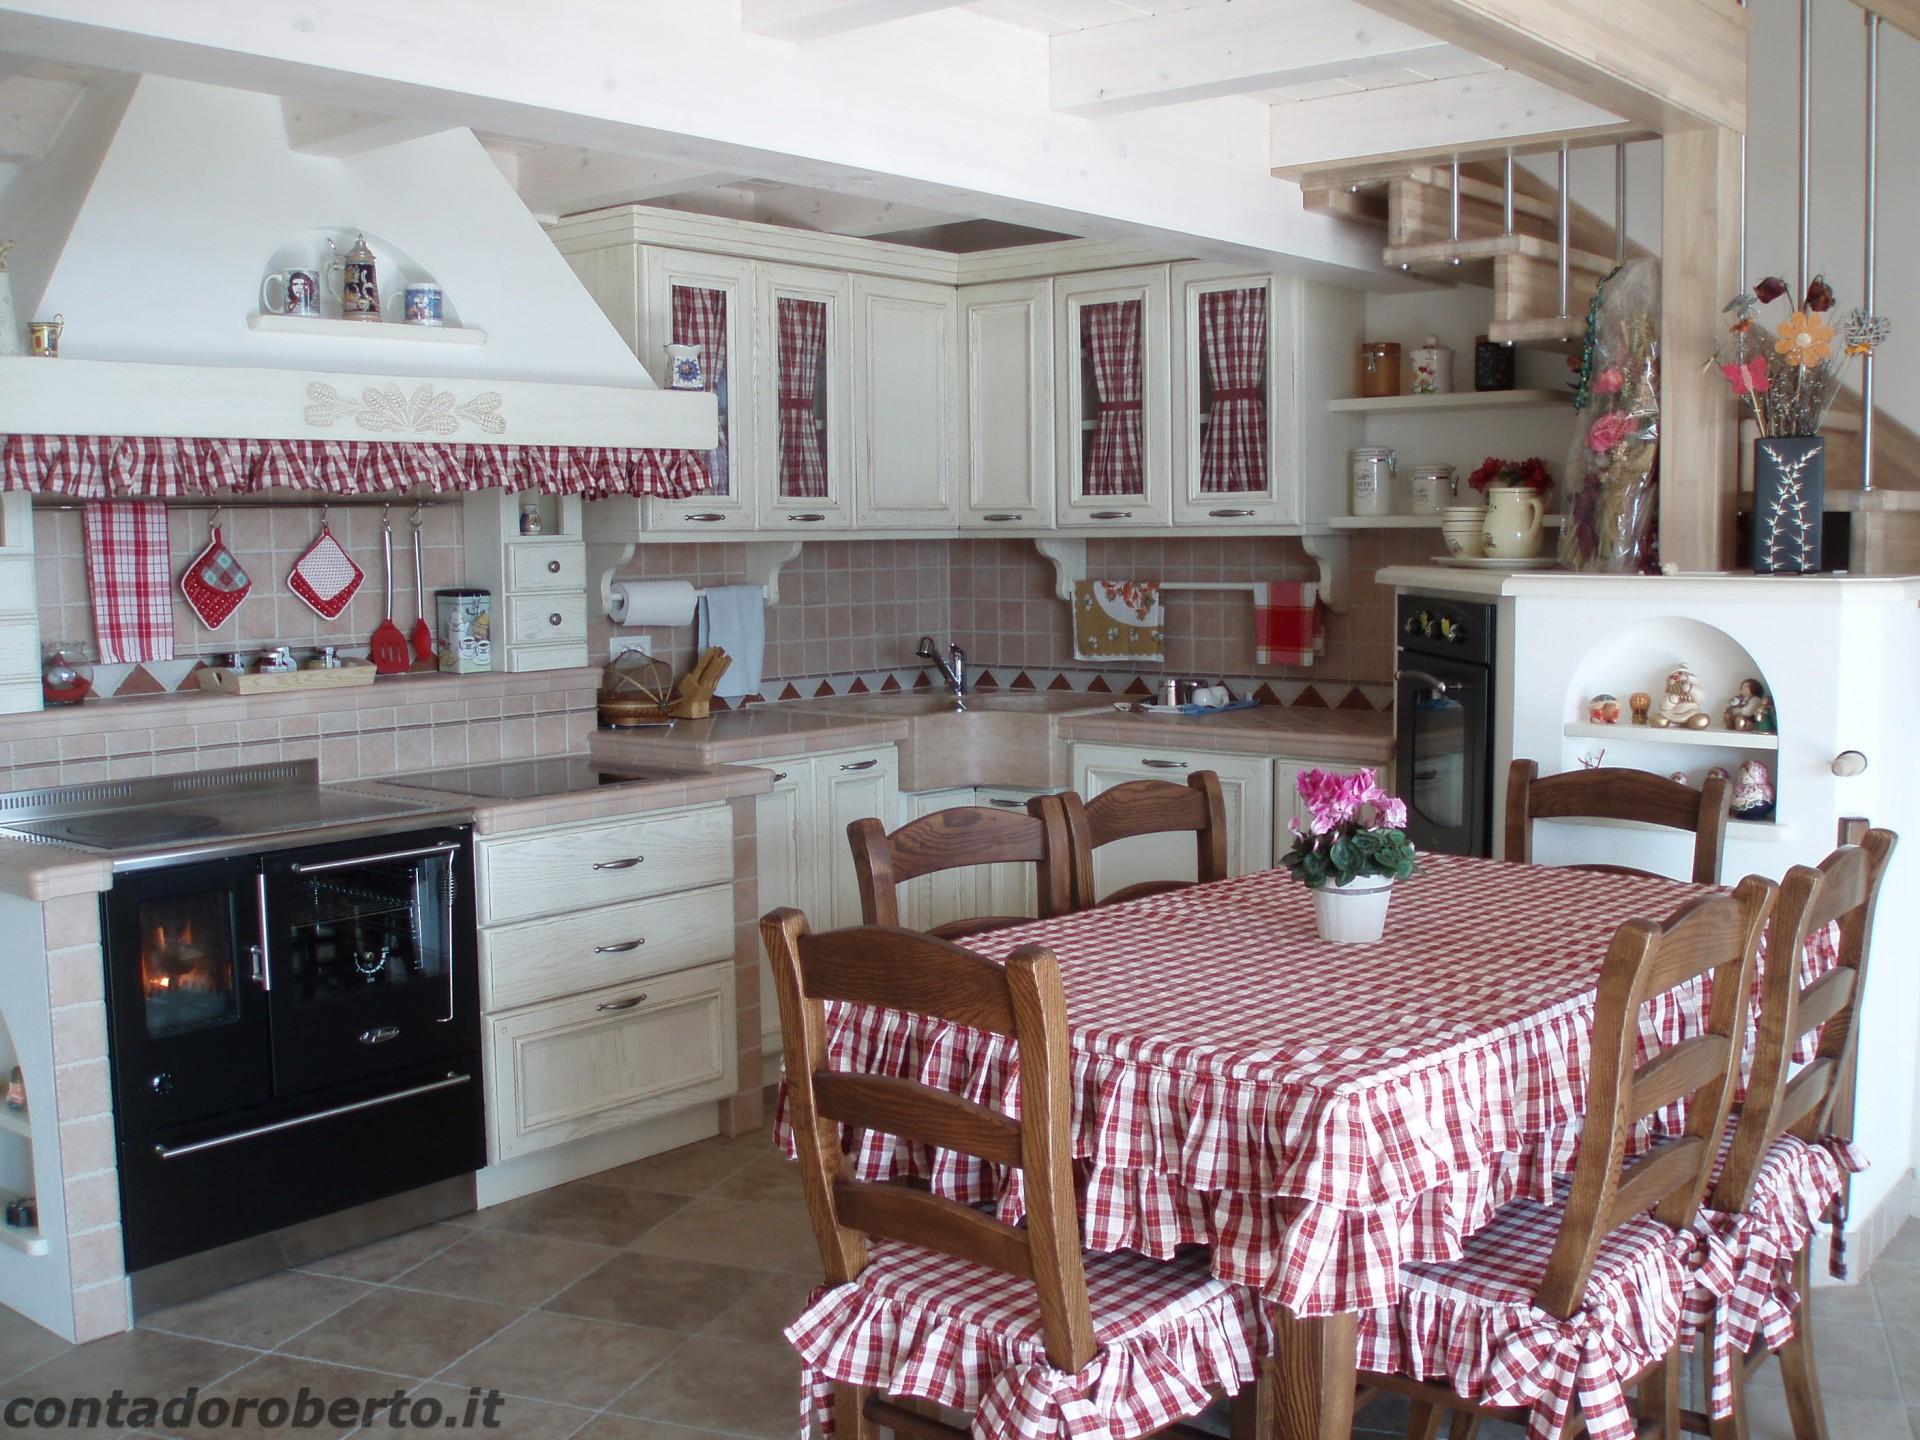 Cucina in muratura sotto soppalco contado roberto group cucine e arredamenti su misura in legno - Cucine in muratura progetti ...